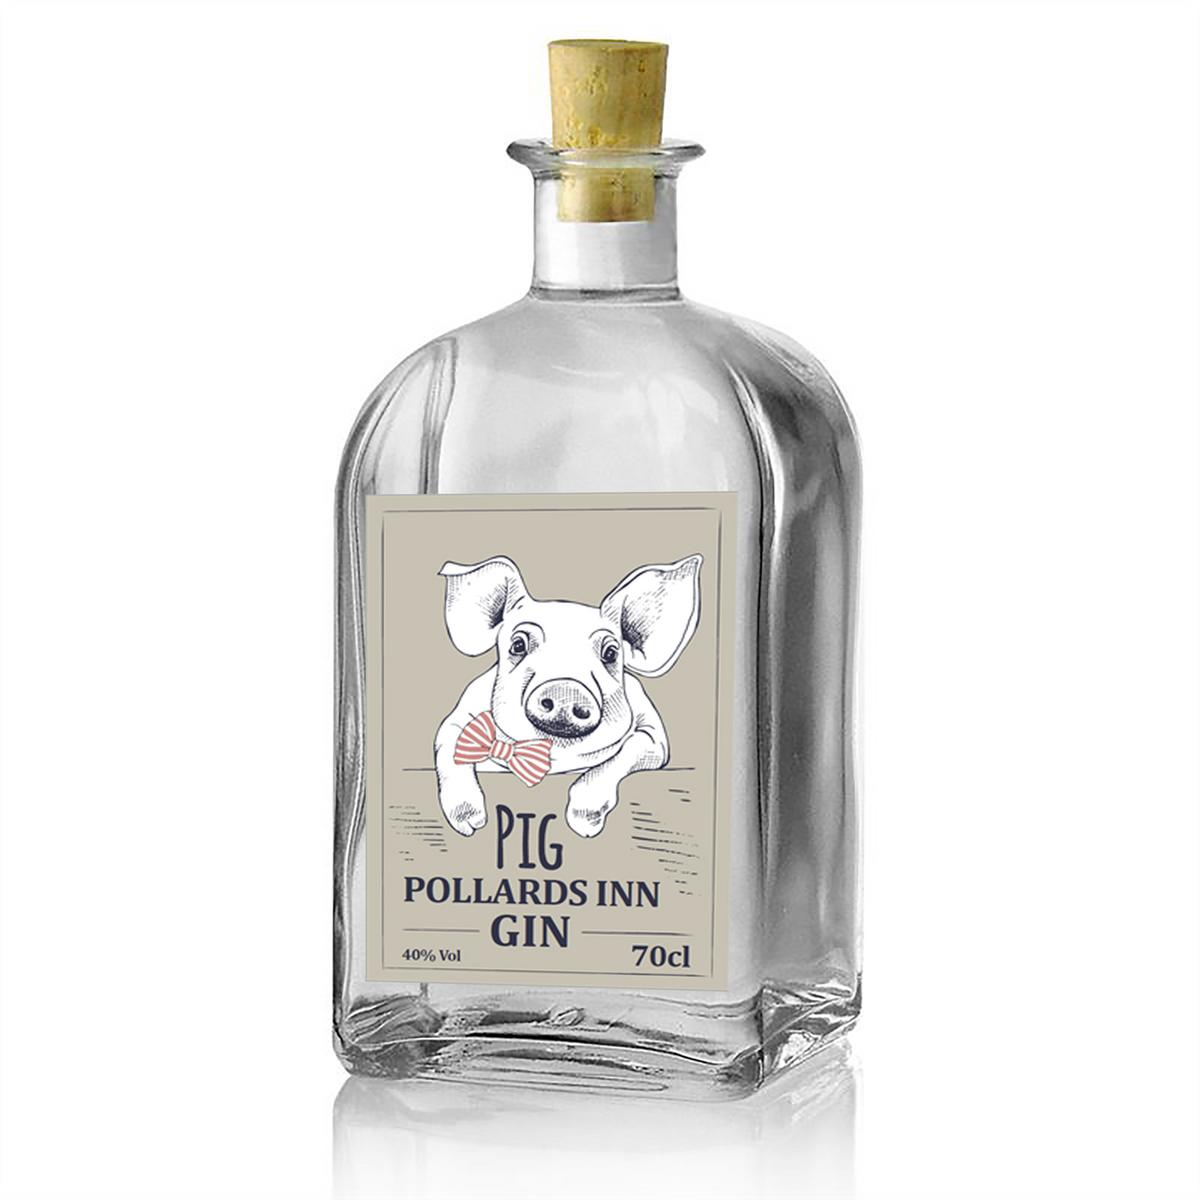 Pollards Inn Gin